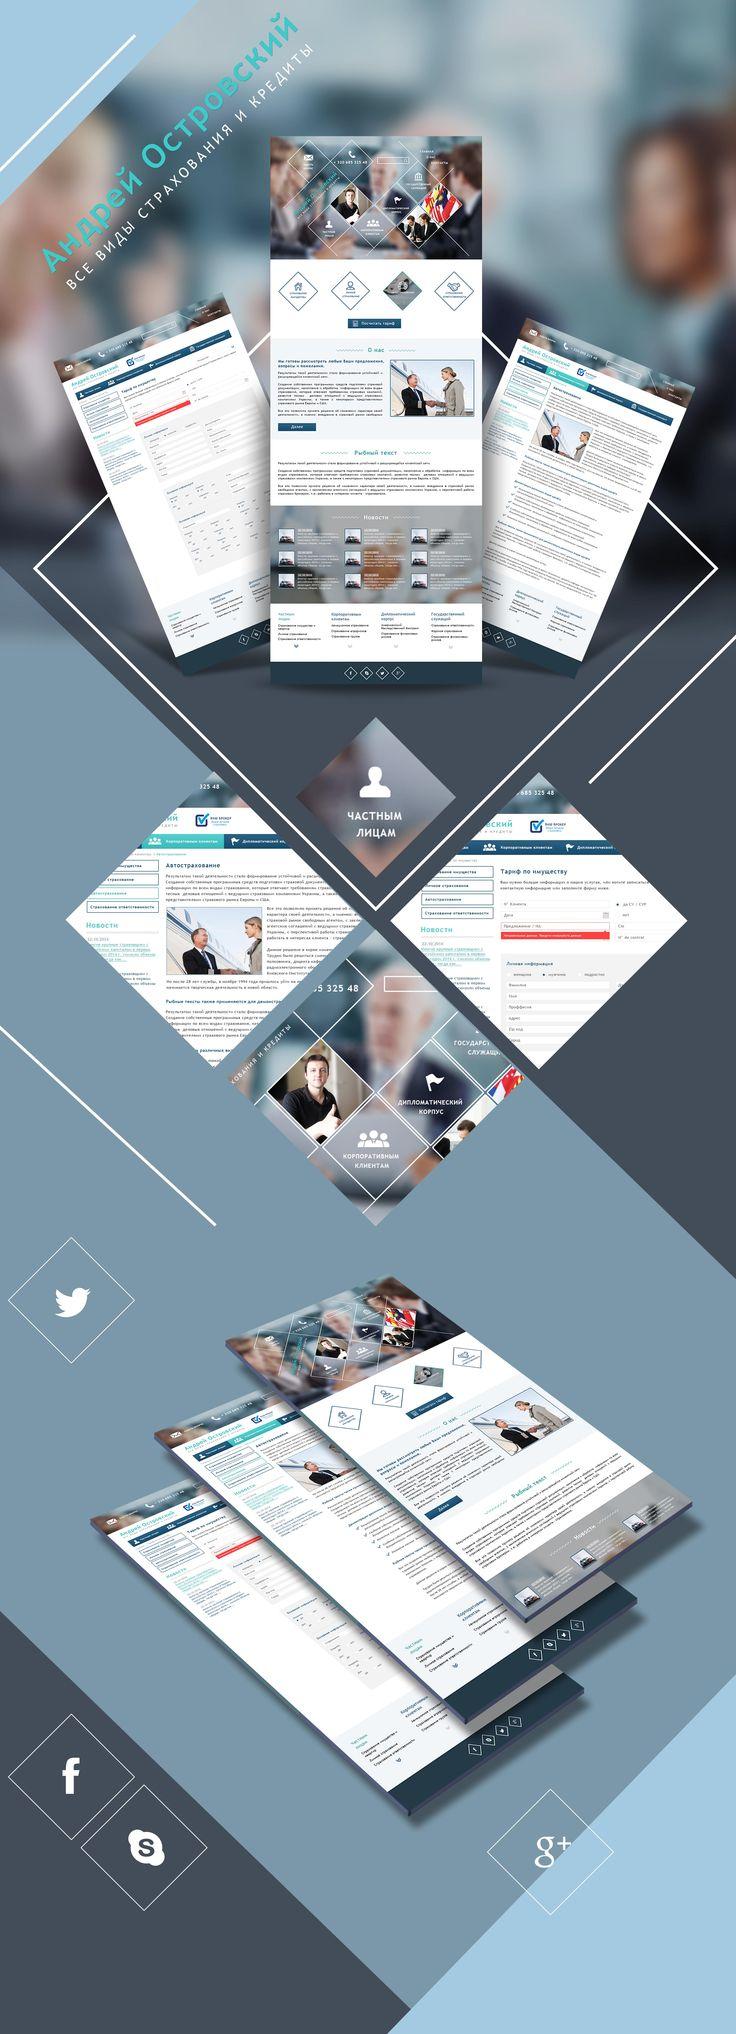 """Был разработан уникальный сайт """"под ключ"""" для страховой компании Андрея Островского. Оригинальный и простой дизайн. Удобная навигация сайта.  http://3dworld.com.ua/portfolio/sajt-pod-klyuch-andreya-ostrovskogo-1195/  #страховая #компания #разработка #вебдизайн #иконки #вебстудия #3дворлд"""